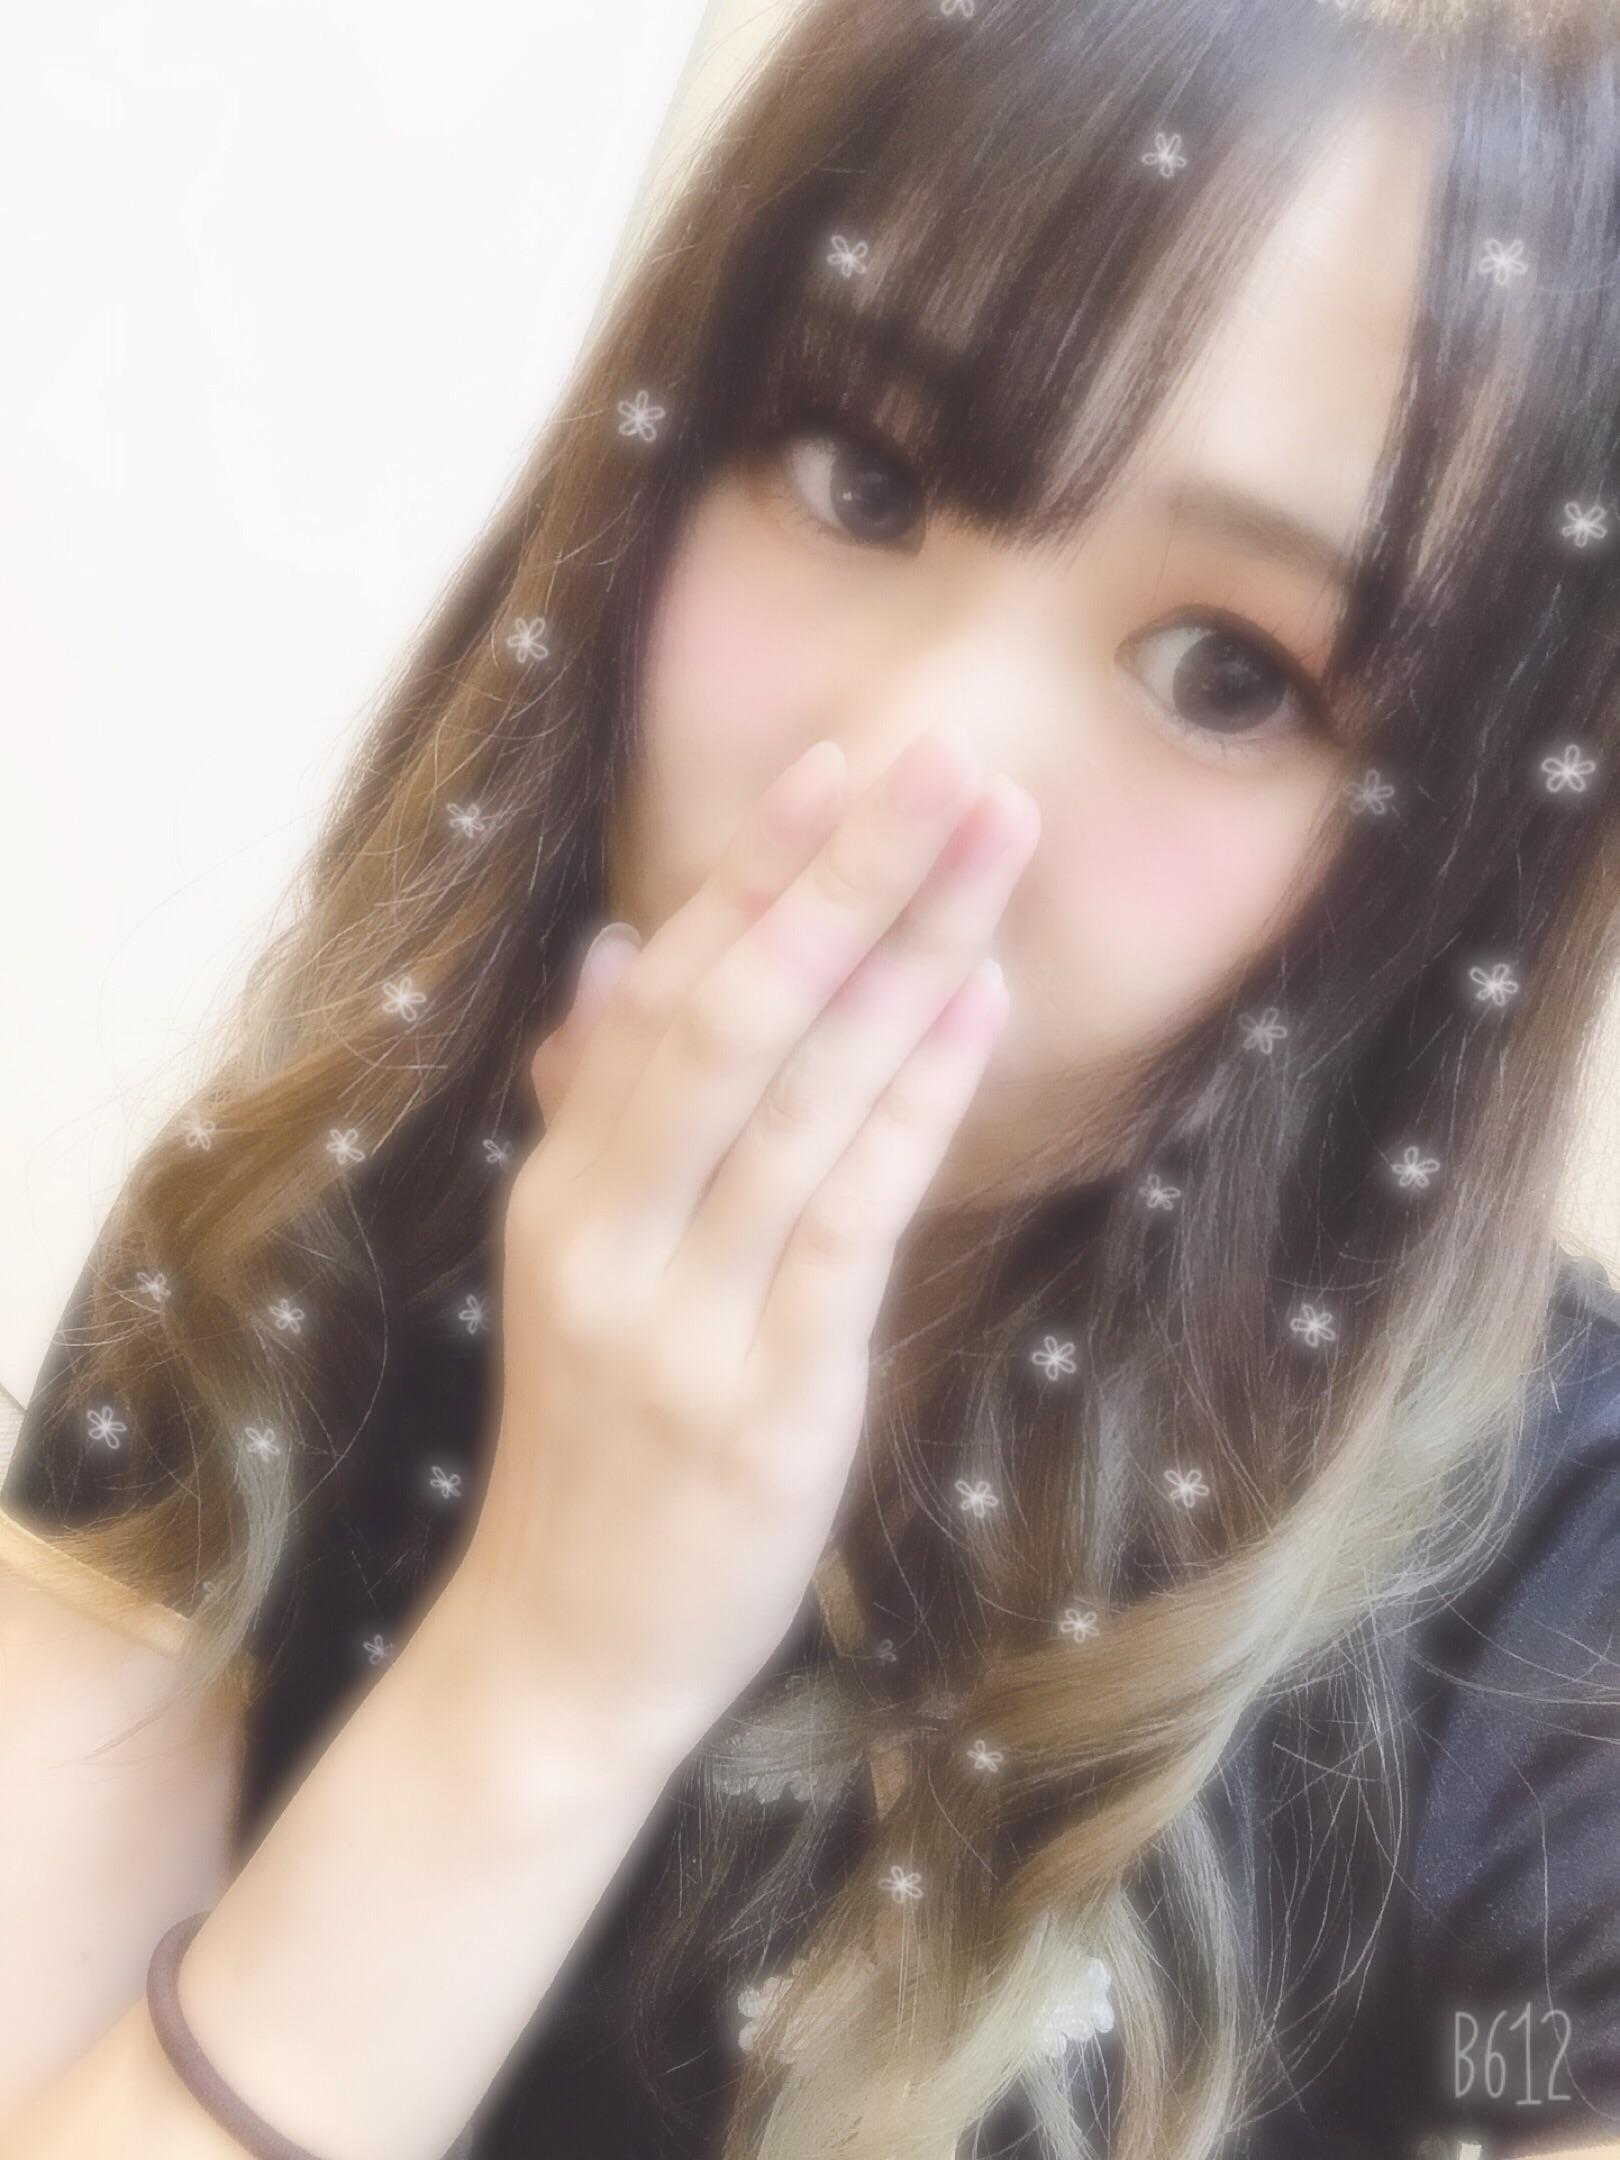 「昨日のお礼日記♡」09/09(09/09) 12:04 | めみの写メ・風俗動画